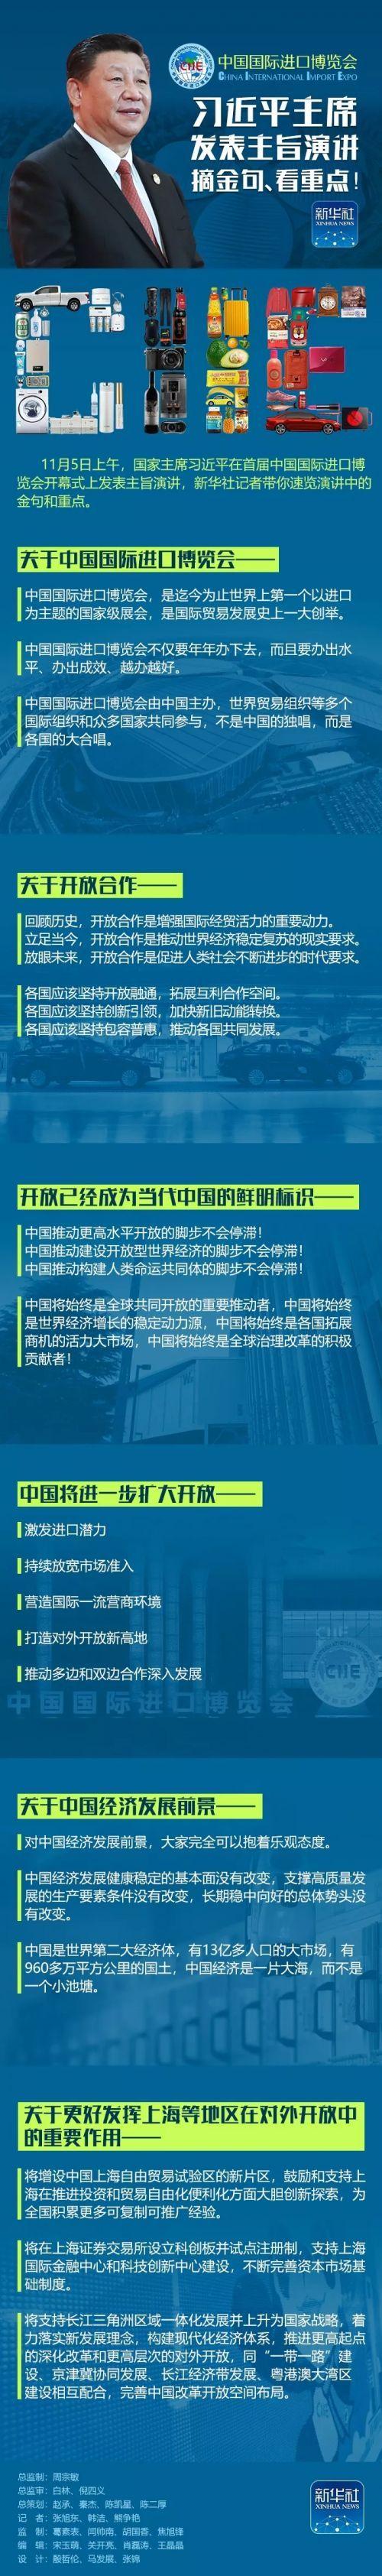 航空工业参加首届中国国际进口博览会